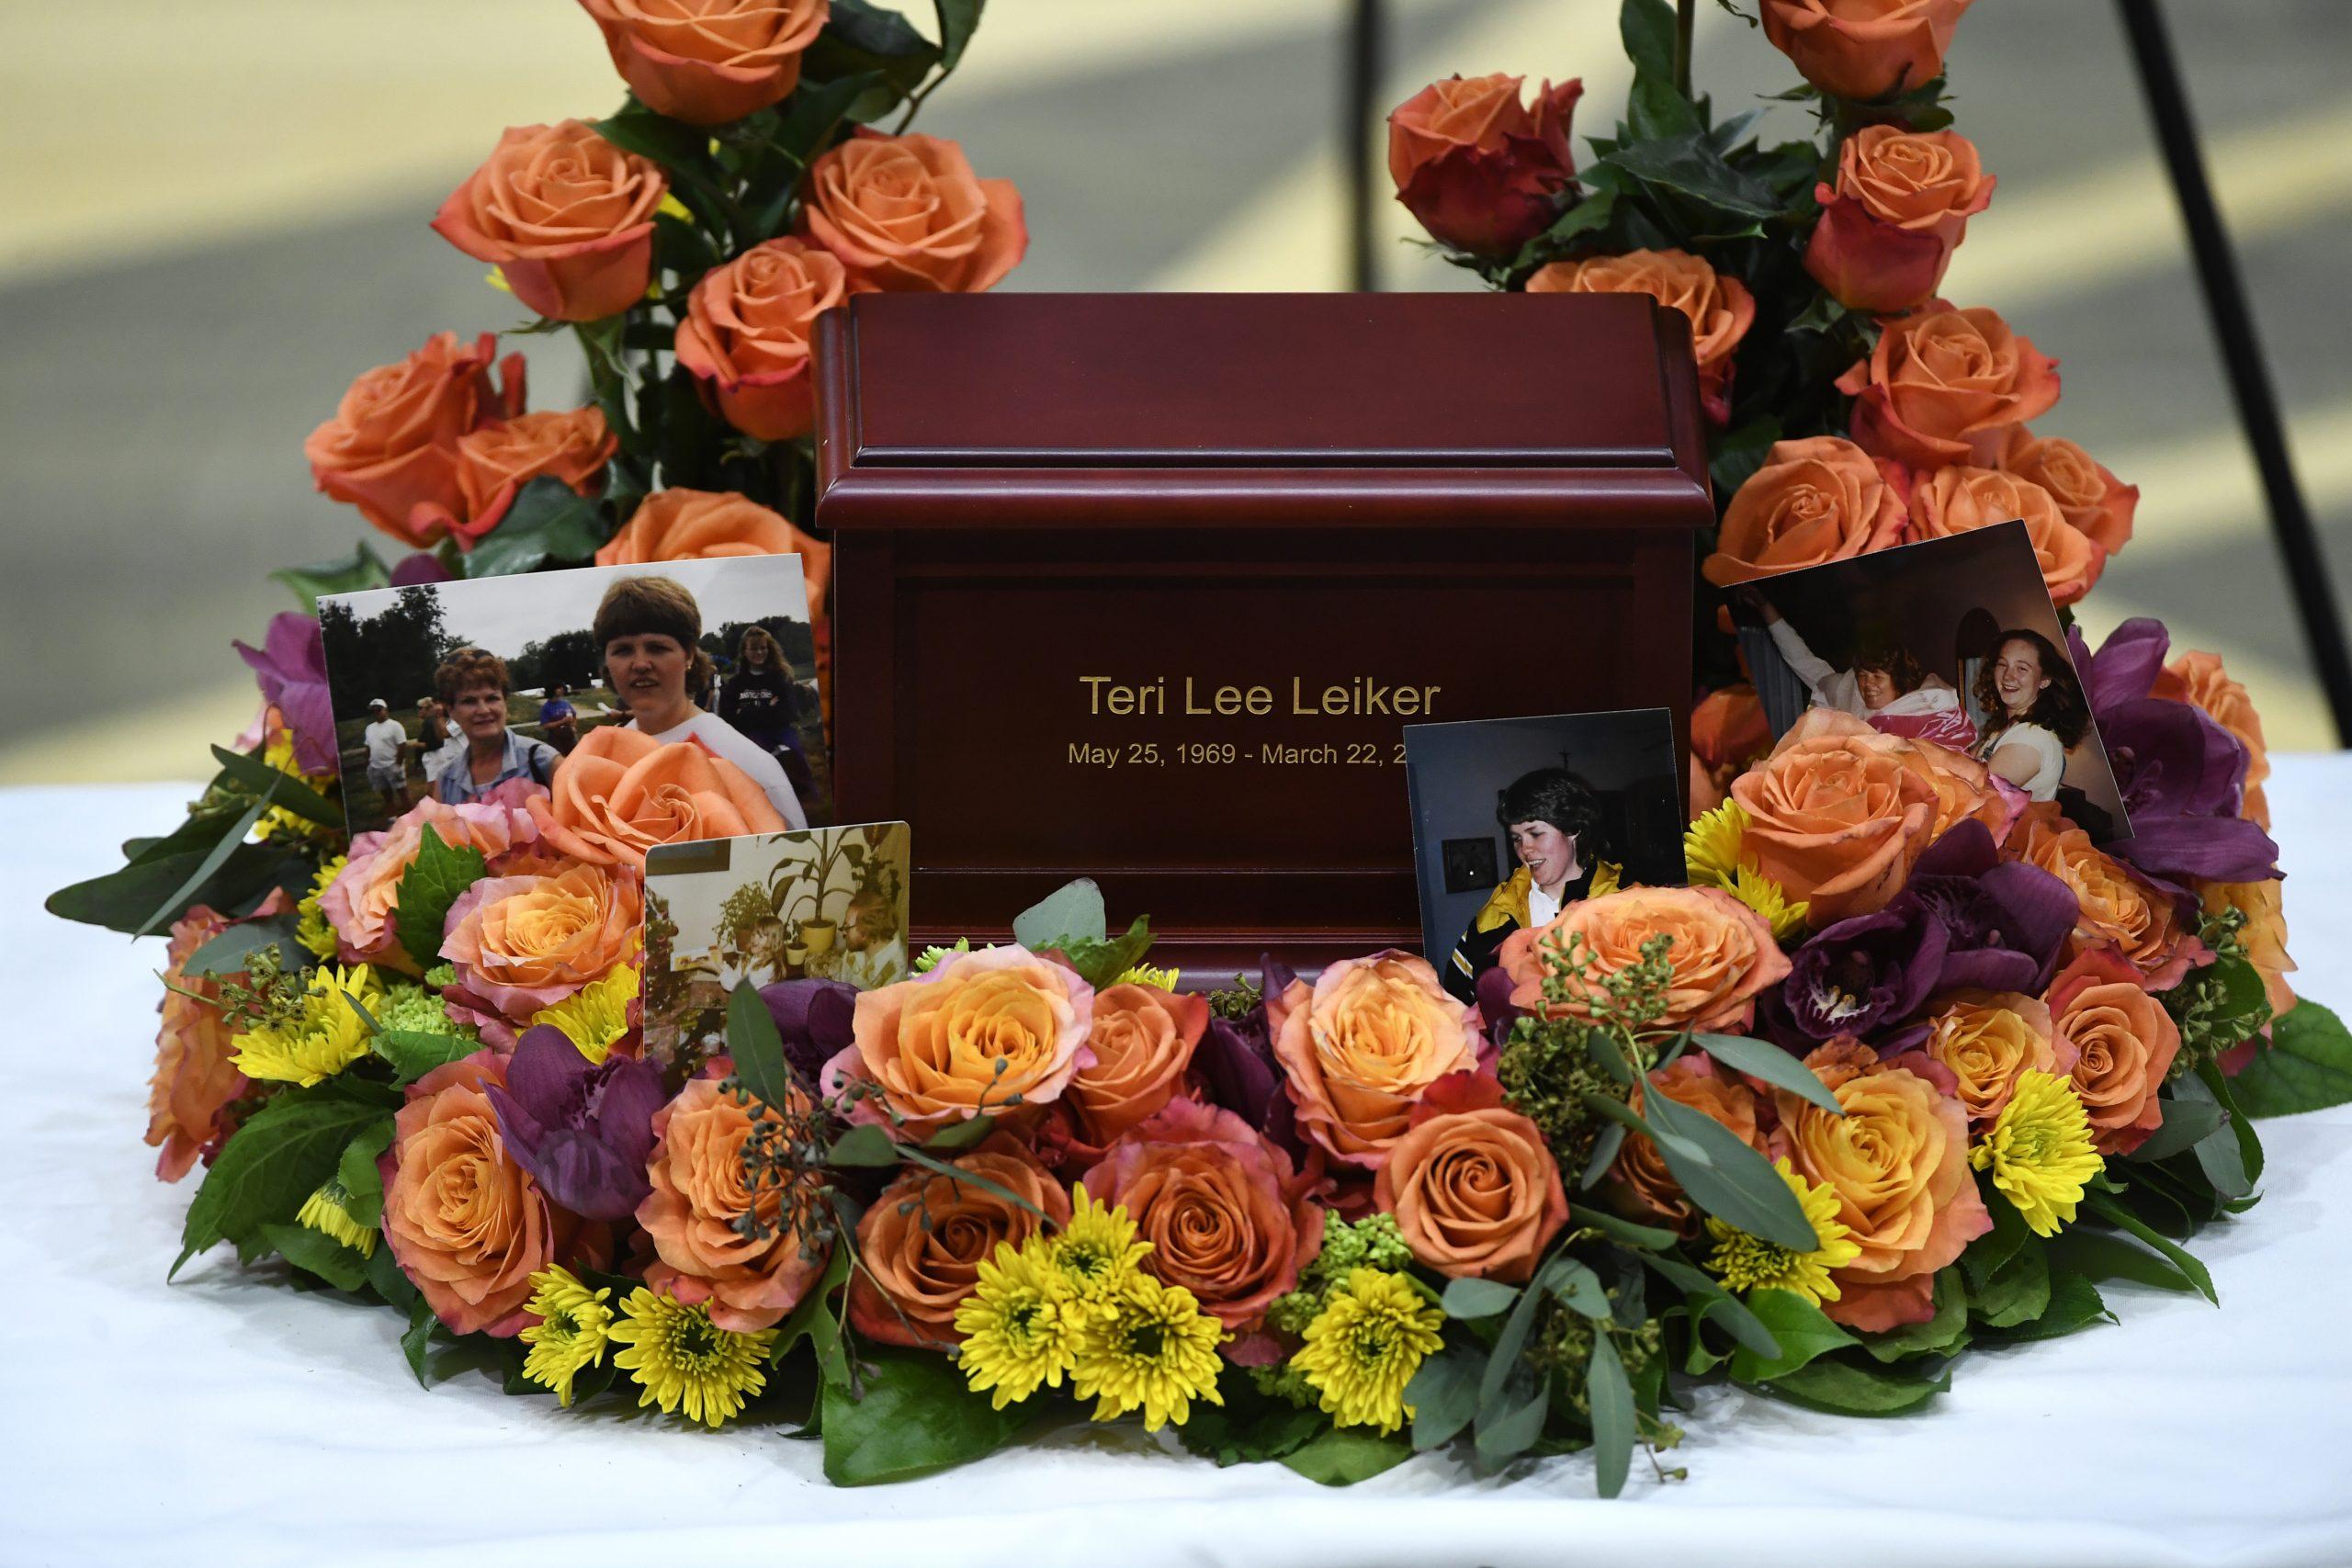 Teri Leiker Memorial